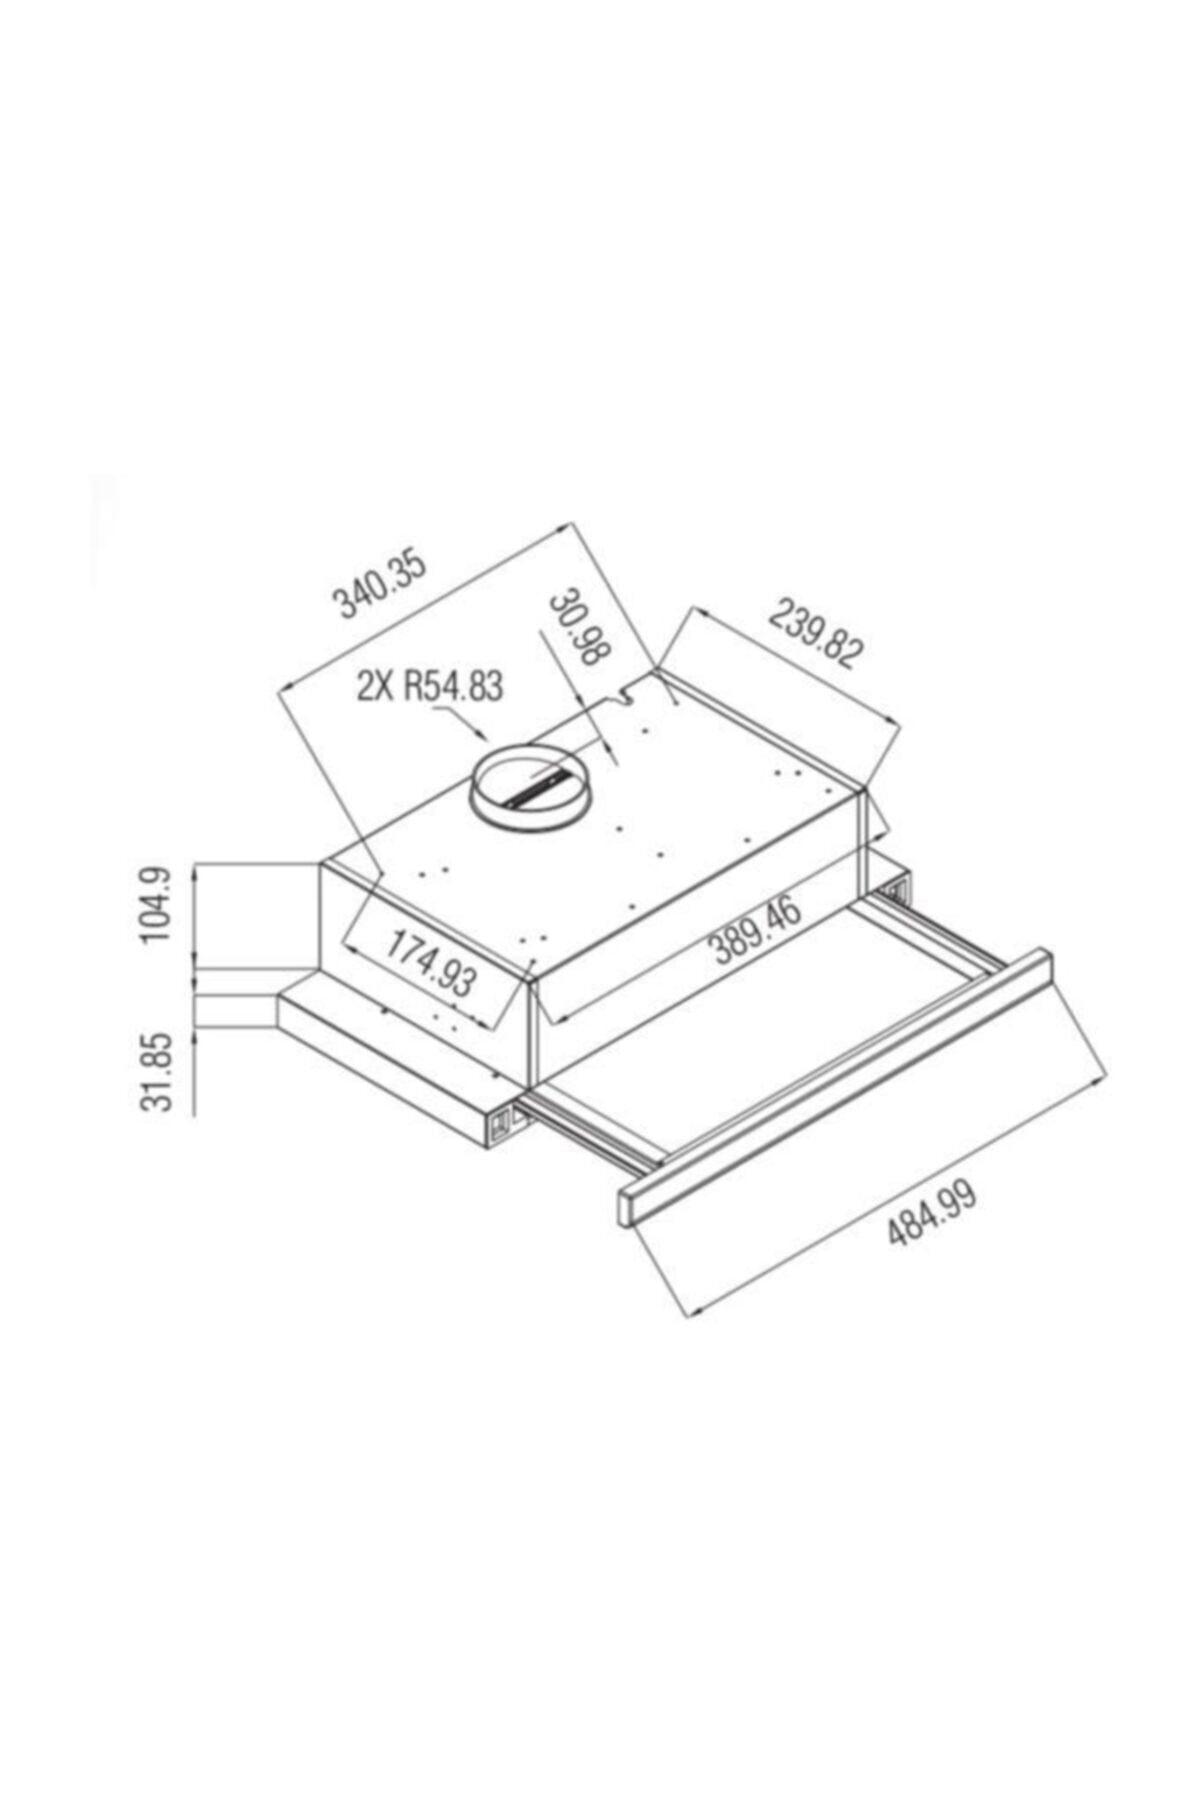 HİBSAN 8062 X 60 Inox Aspiratör 2